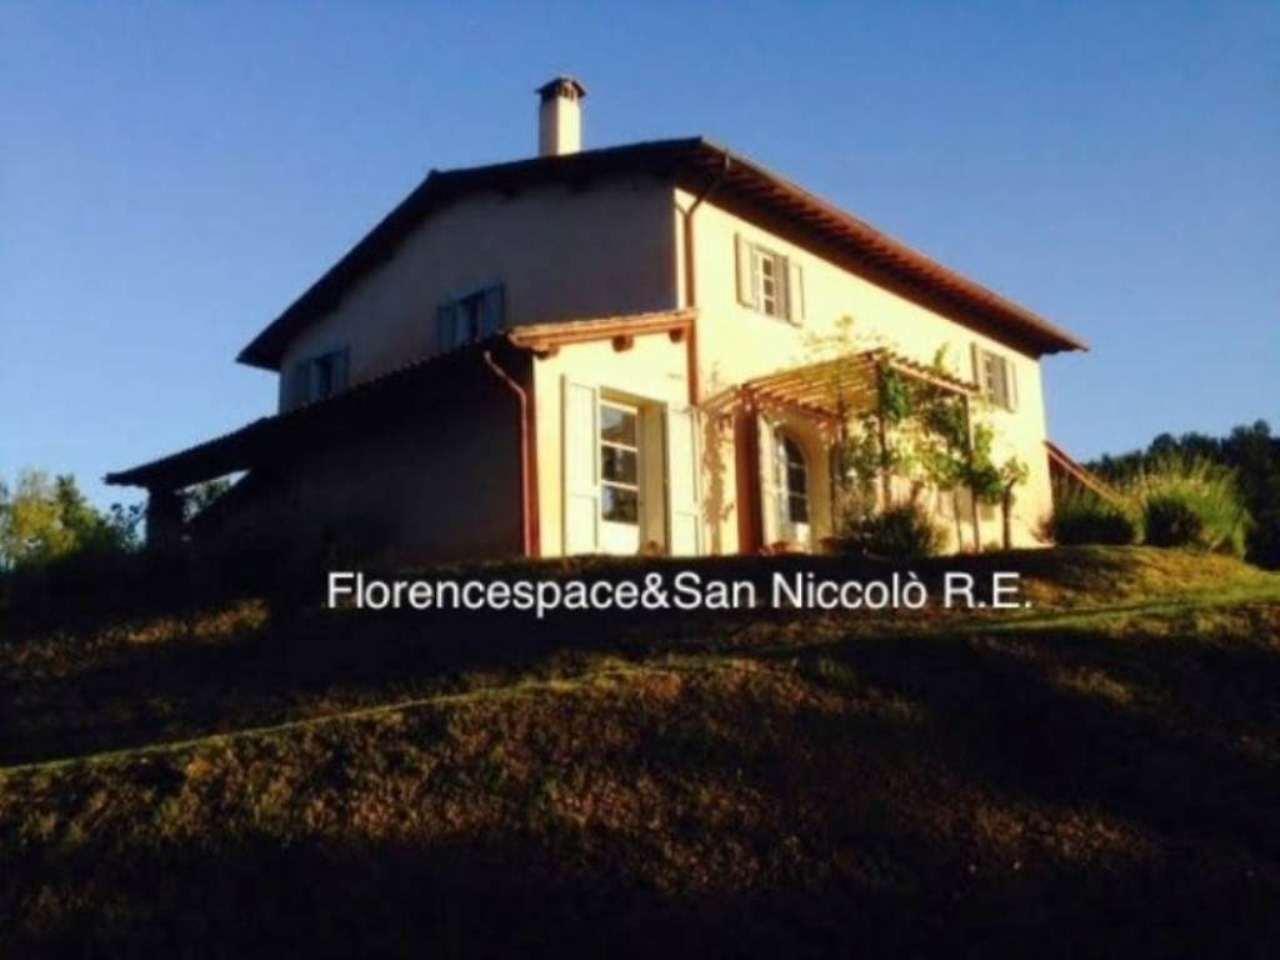 Rustico / Casale in vendita a Palaia, 6 locali, prezzo € 1.185.000 | Cambio Casa.it